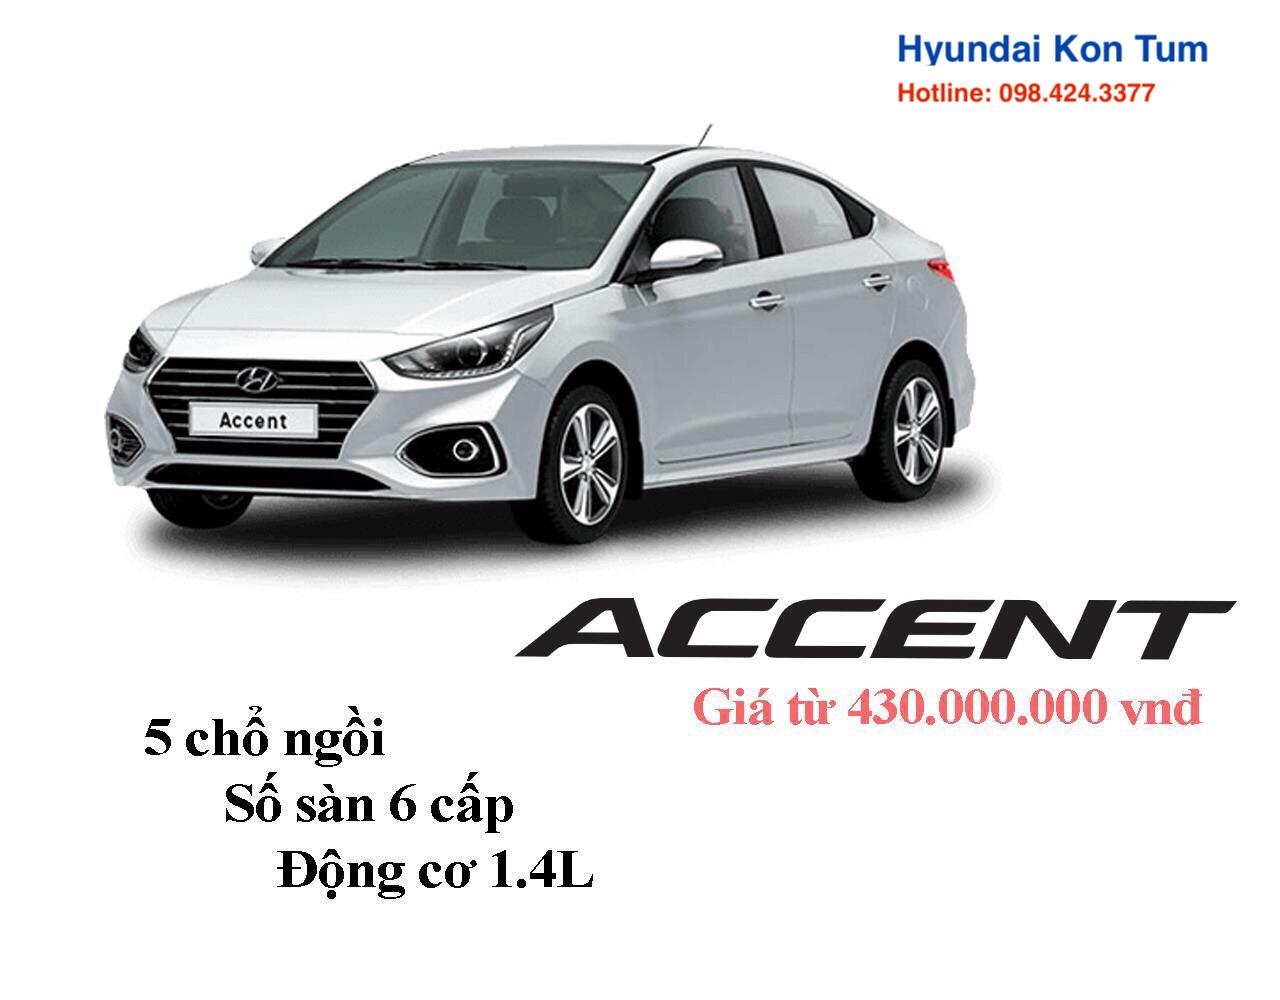 Accent MT 430